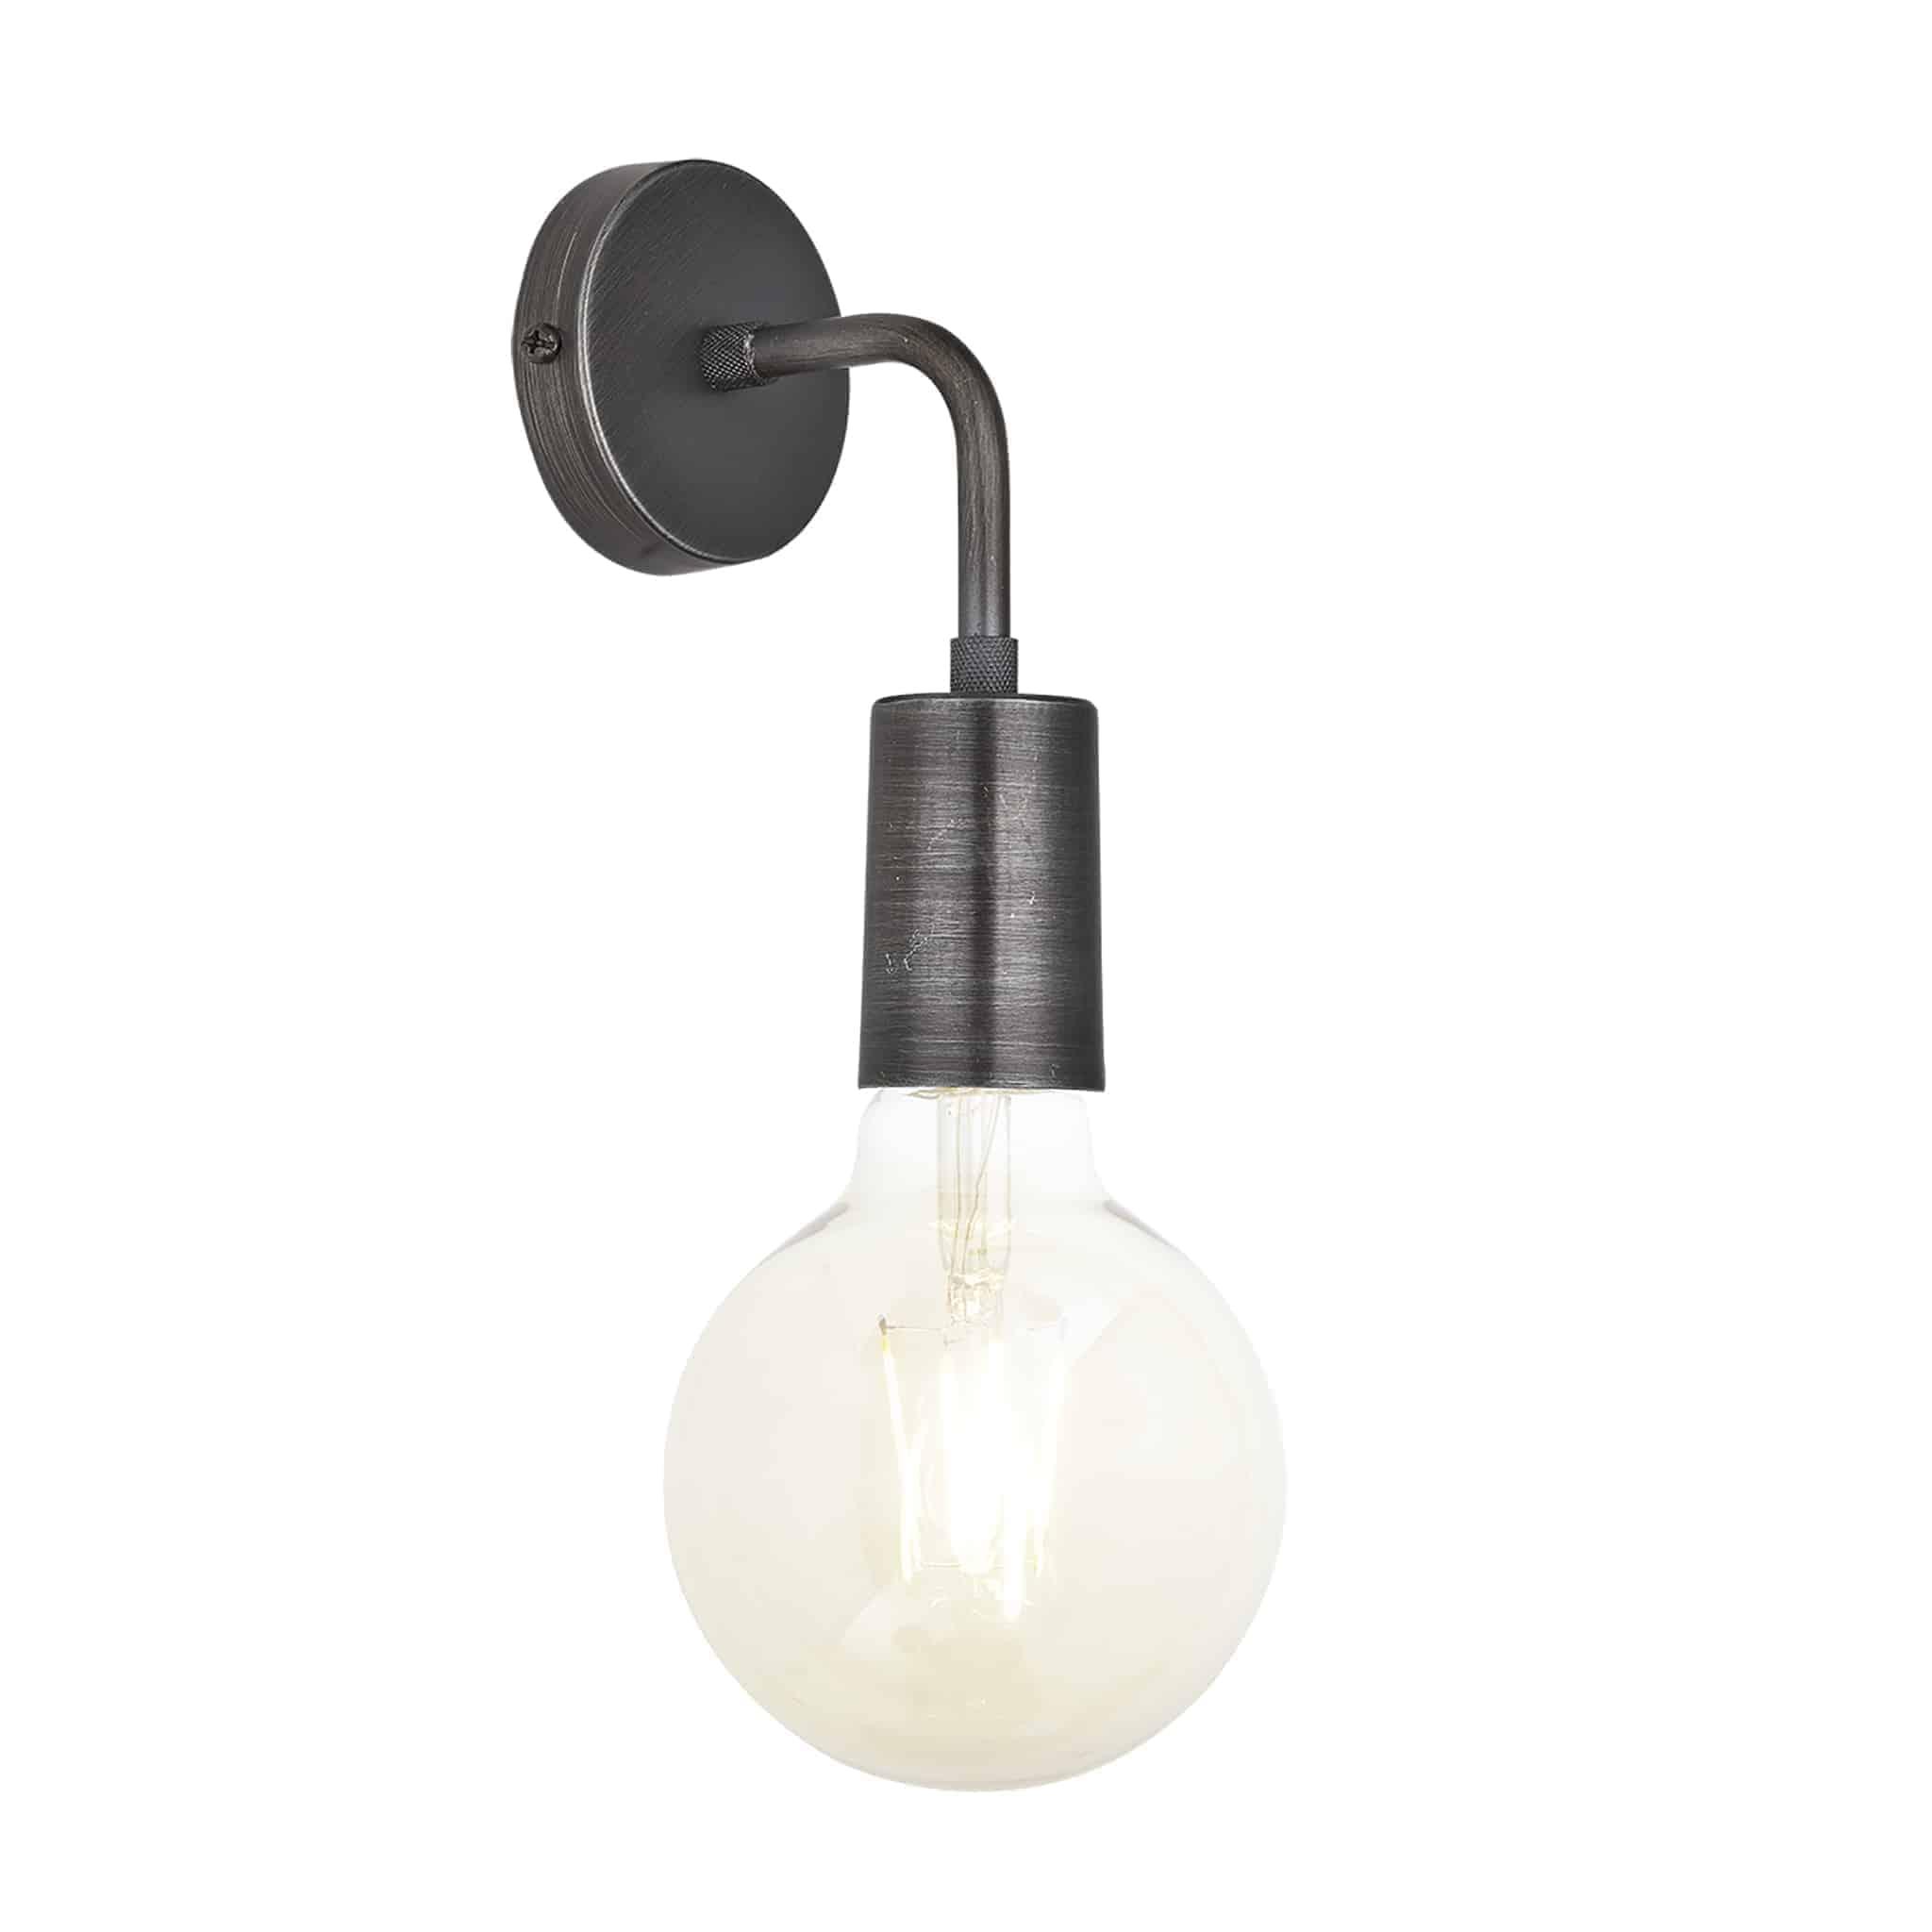 Industville SL-EWL-P Sleek Edison Wall Light